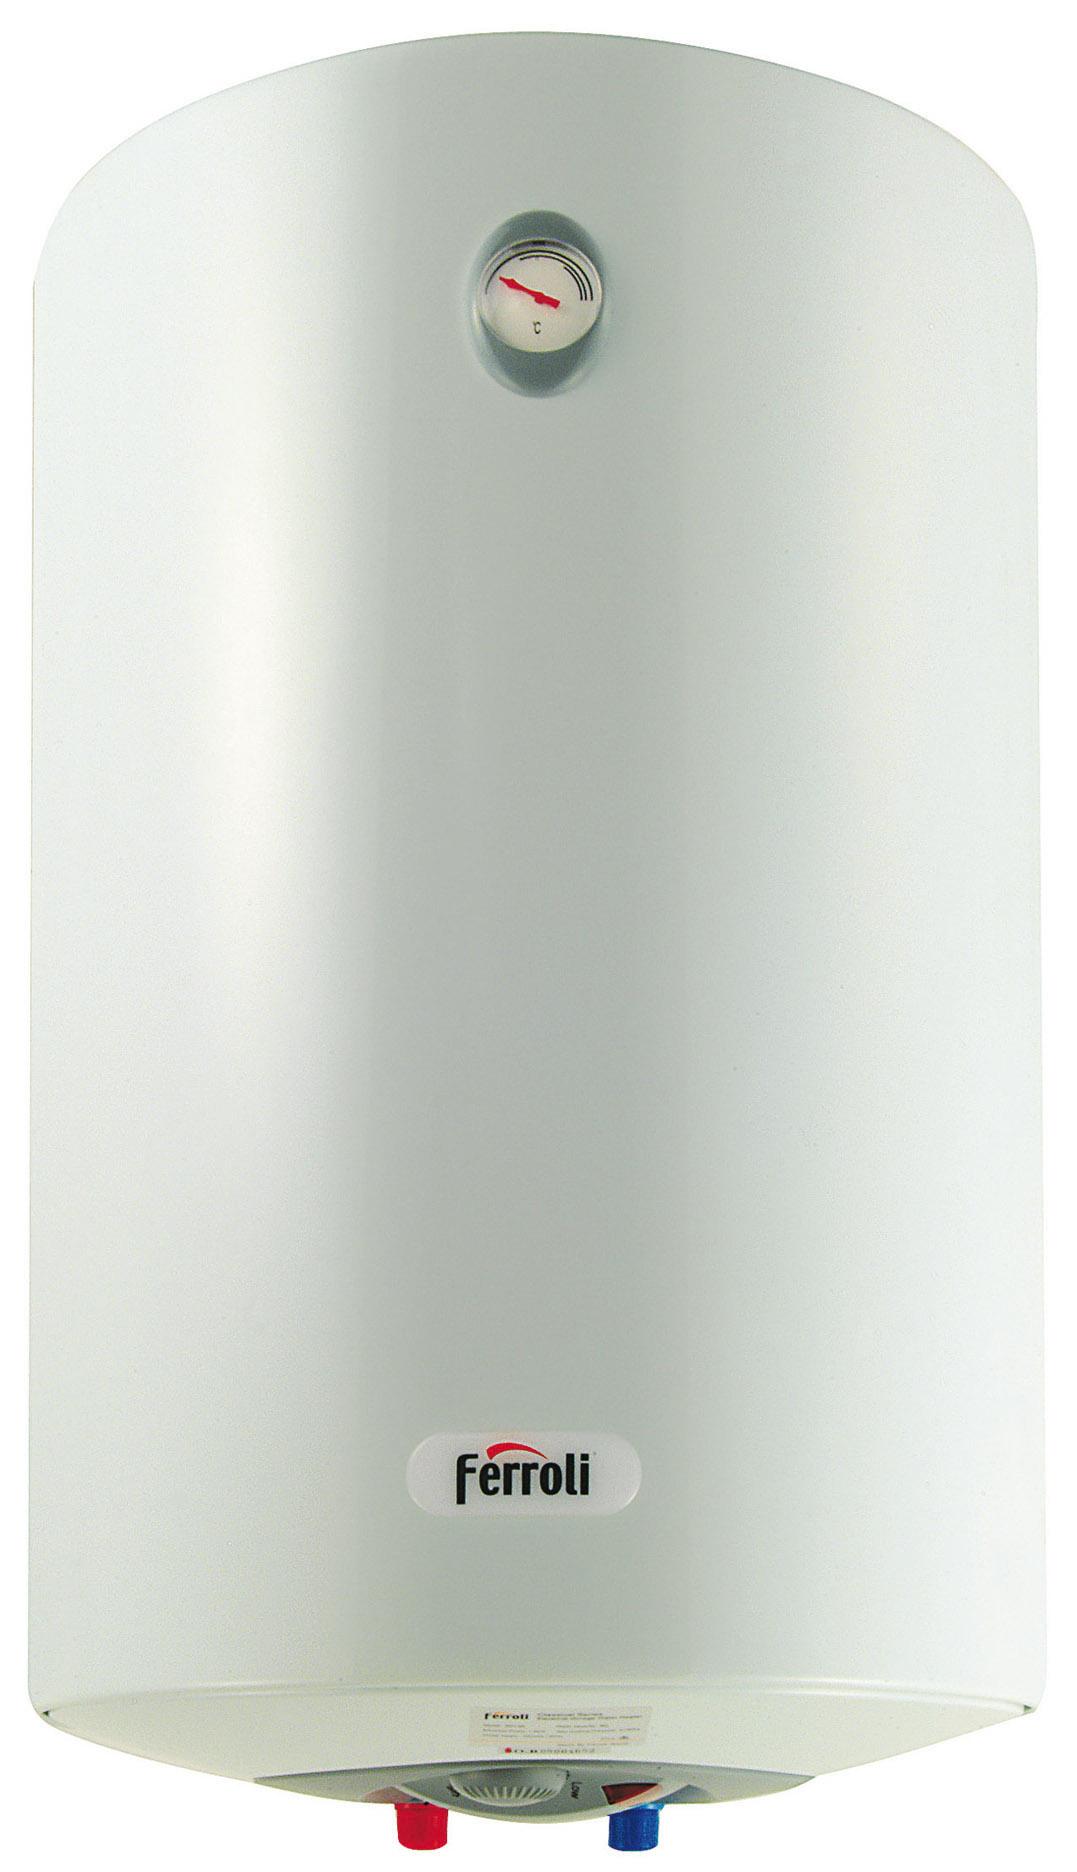 Instalaci n de termos y calentadores el ctricos agua - Termos calentadores de agua electricos ...